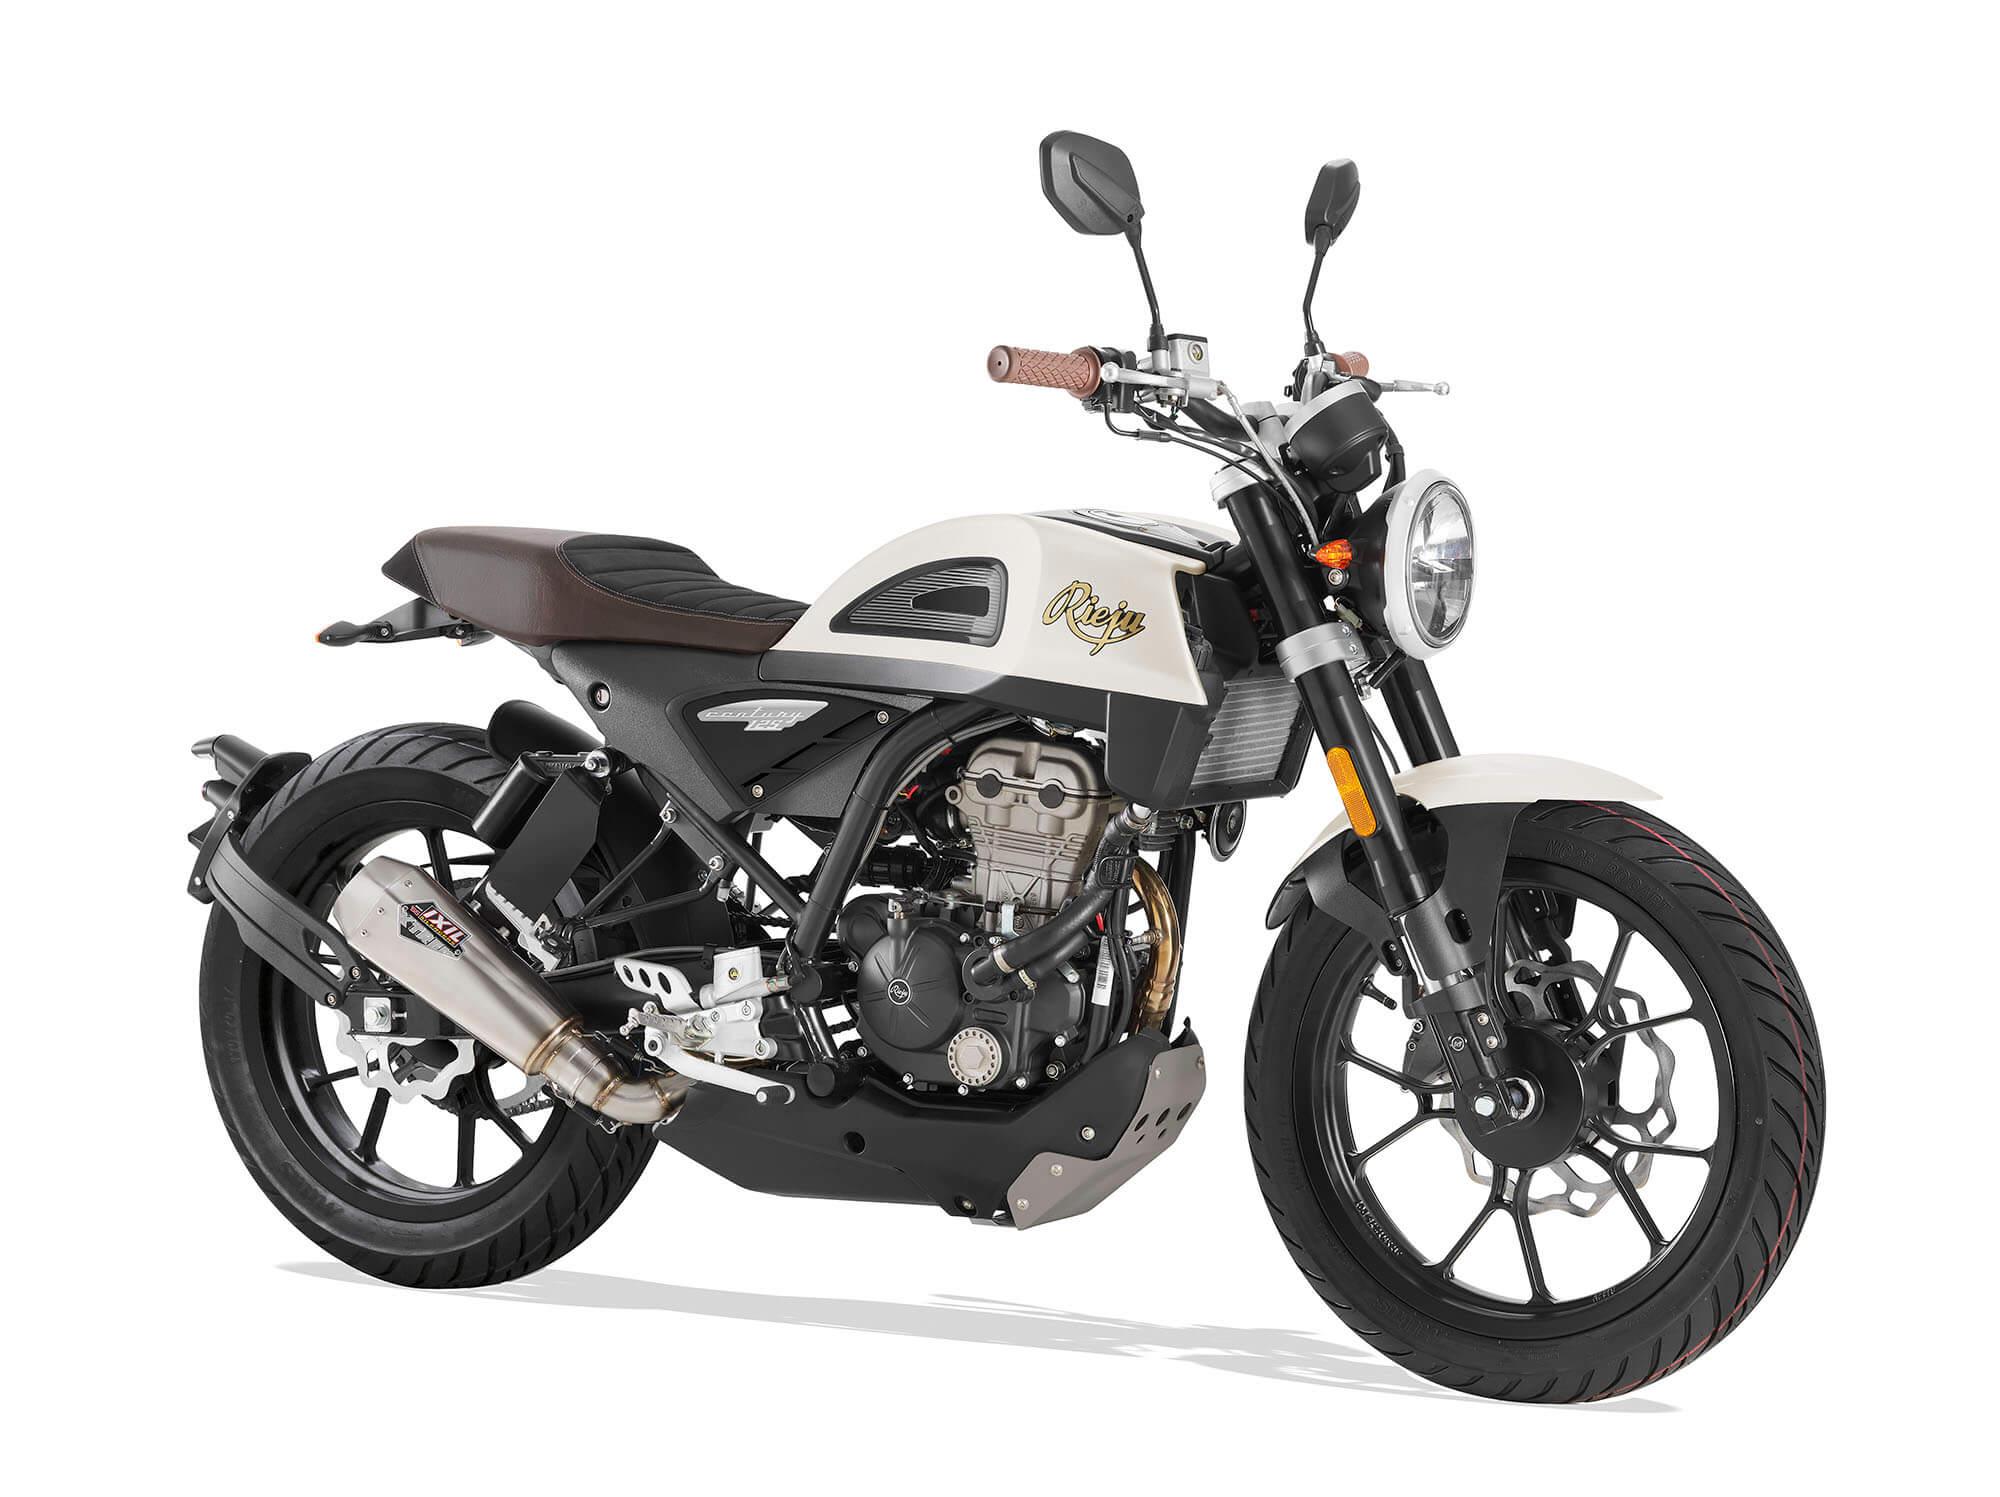 comprar-motos-rieju-century-125-marfil-motissimo-barcelona